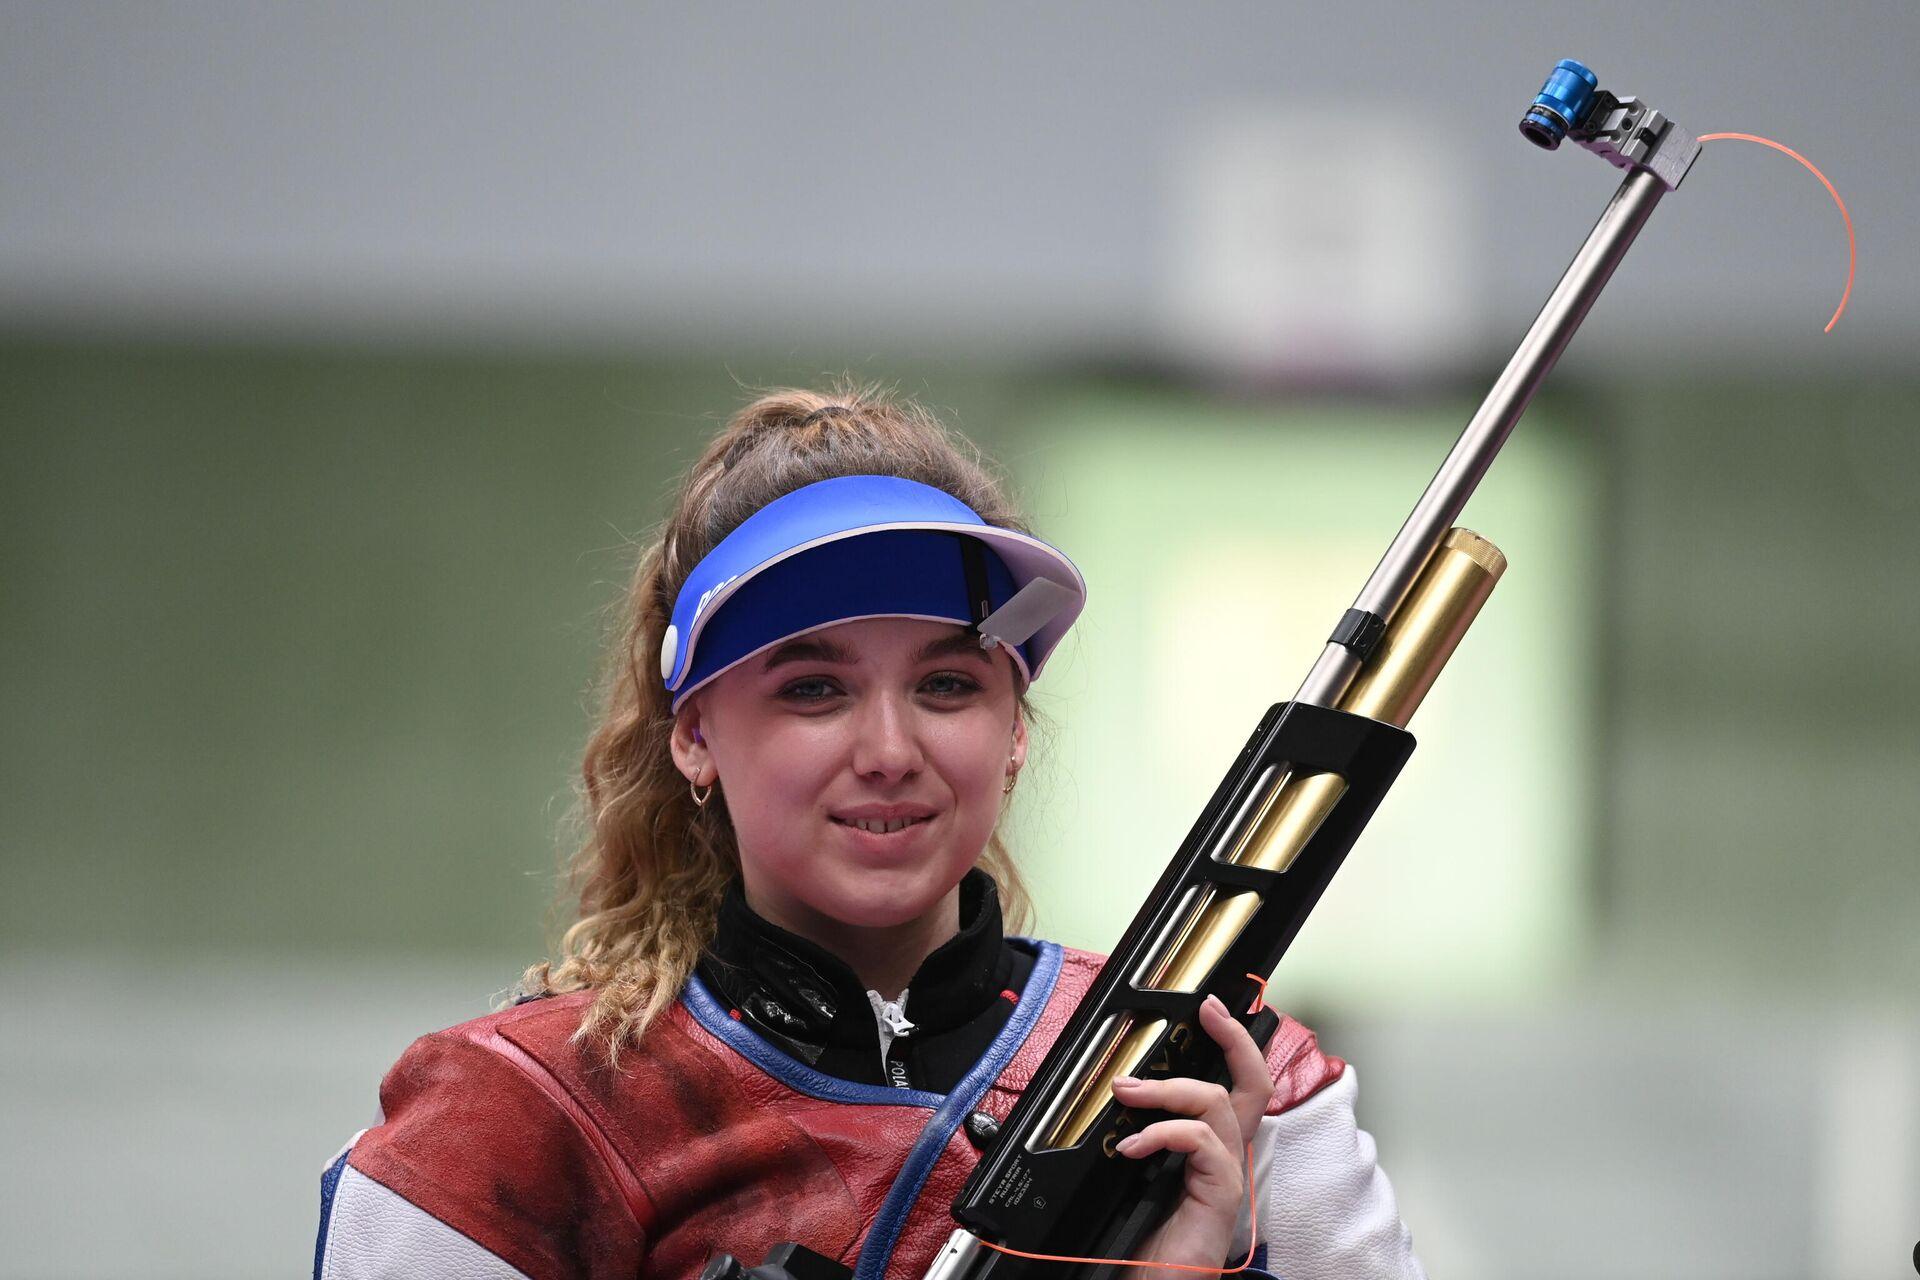 Российская спортсменка Анастасия Галашина на Олимпийских играх в Токио - Sputnik Беларусь, 1920, 24.07.2021